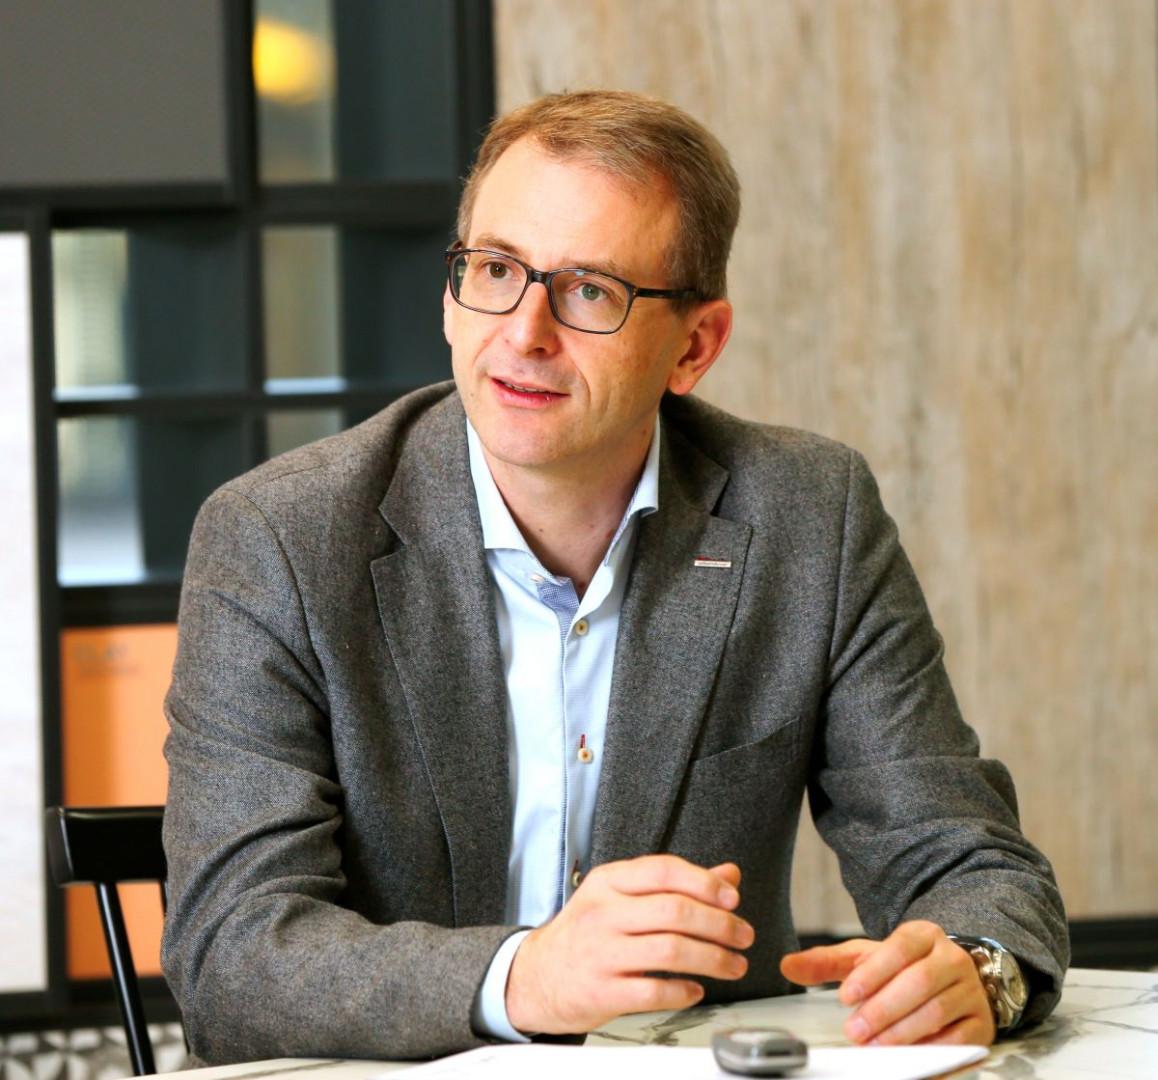 Klaus Mueller, kierownik sprzedaży powierzchni dekoracyjnych w firmie Schattdecor. Fot. Schattdecor